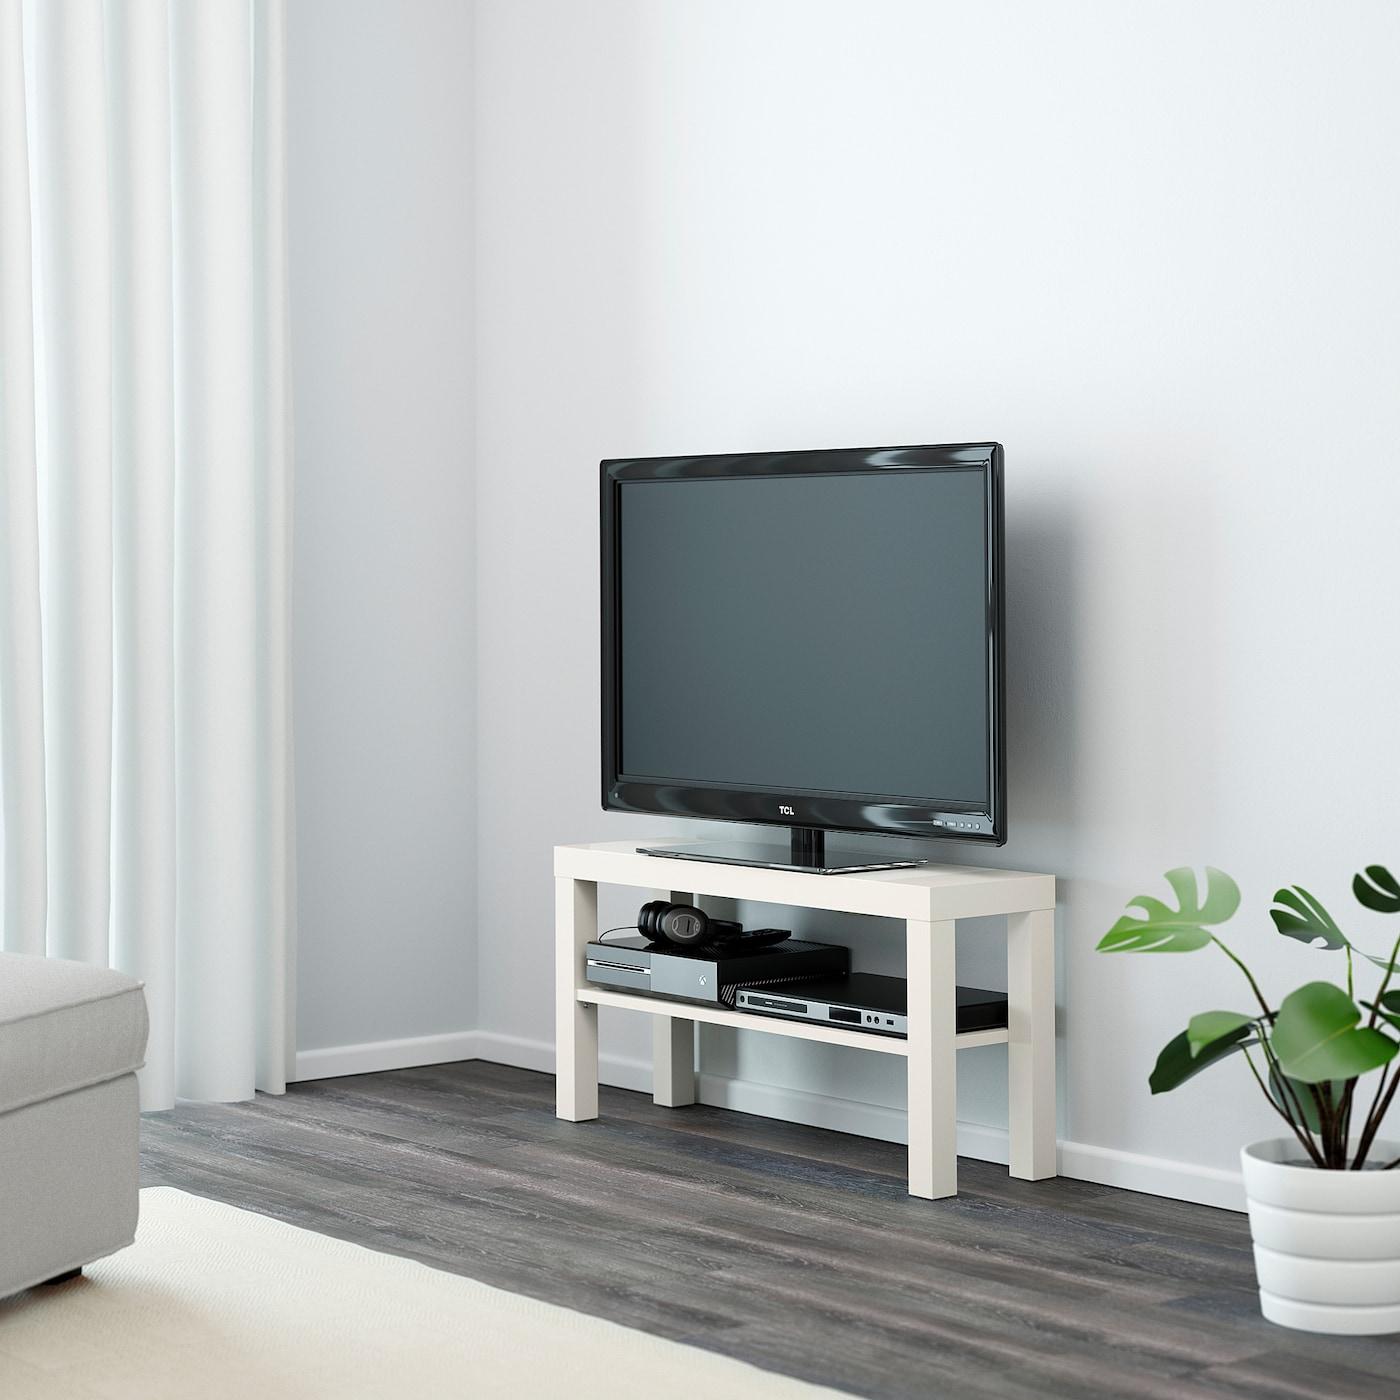 Lack Tv Bench White Ikea Ireland